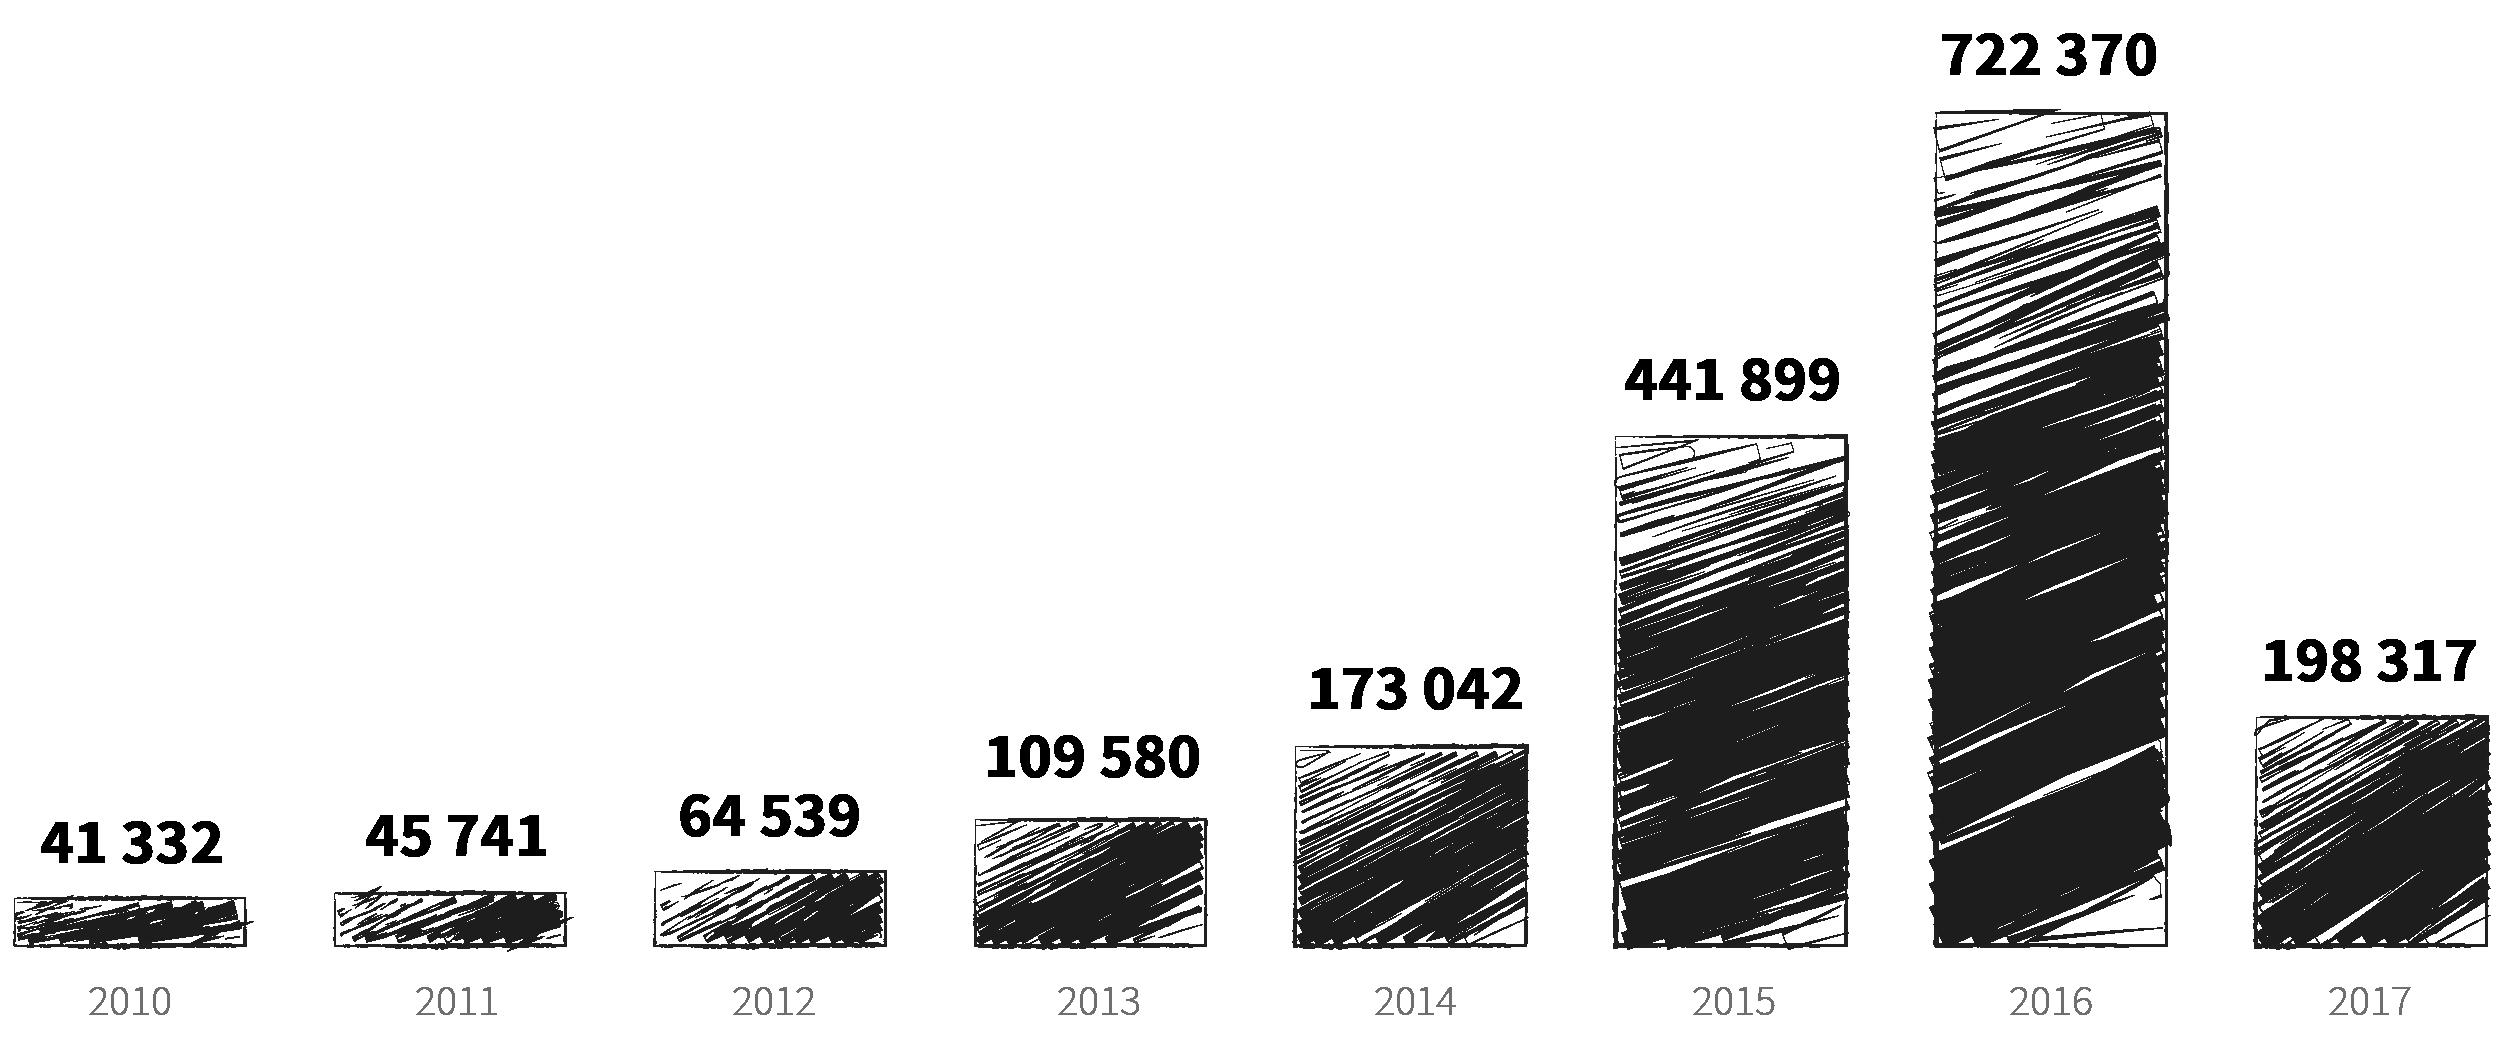 Quelle: Bundesamt für Migration und Flüchtlinge (BAMF); Grafik: VRM/mv